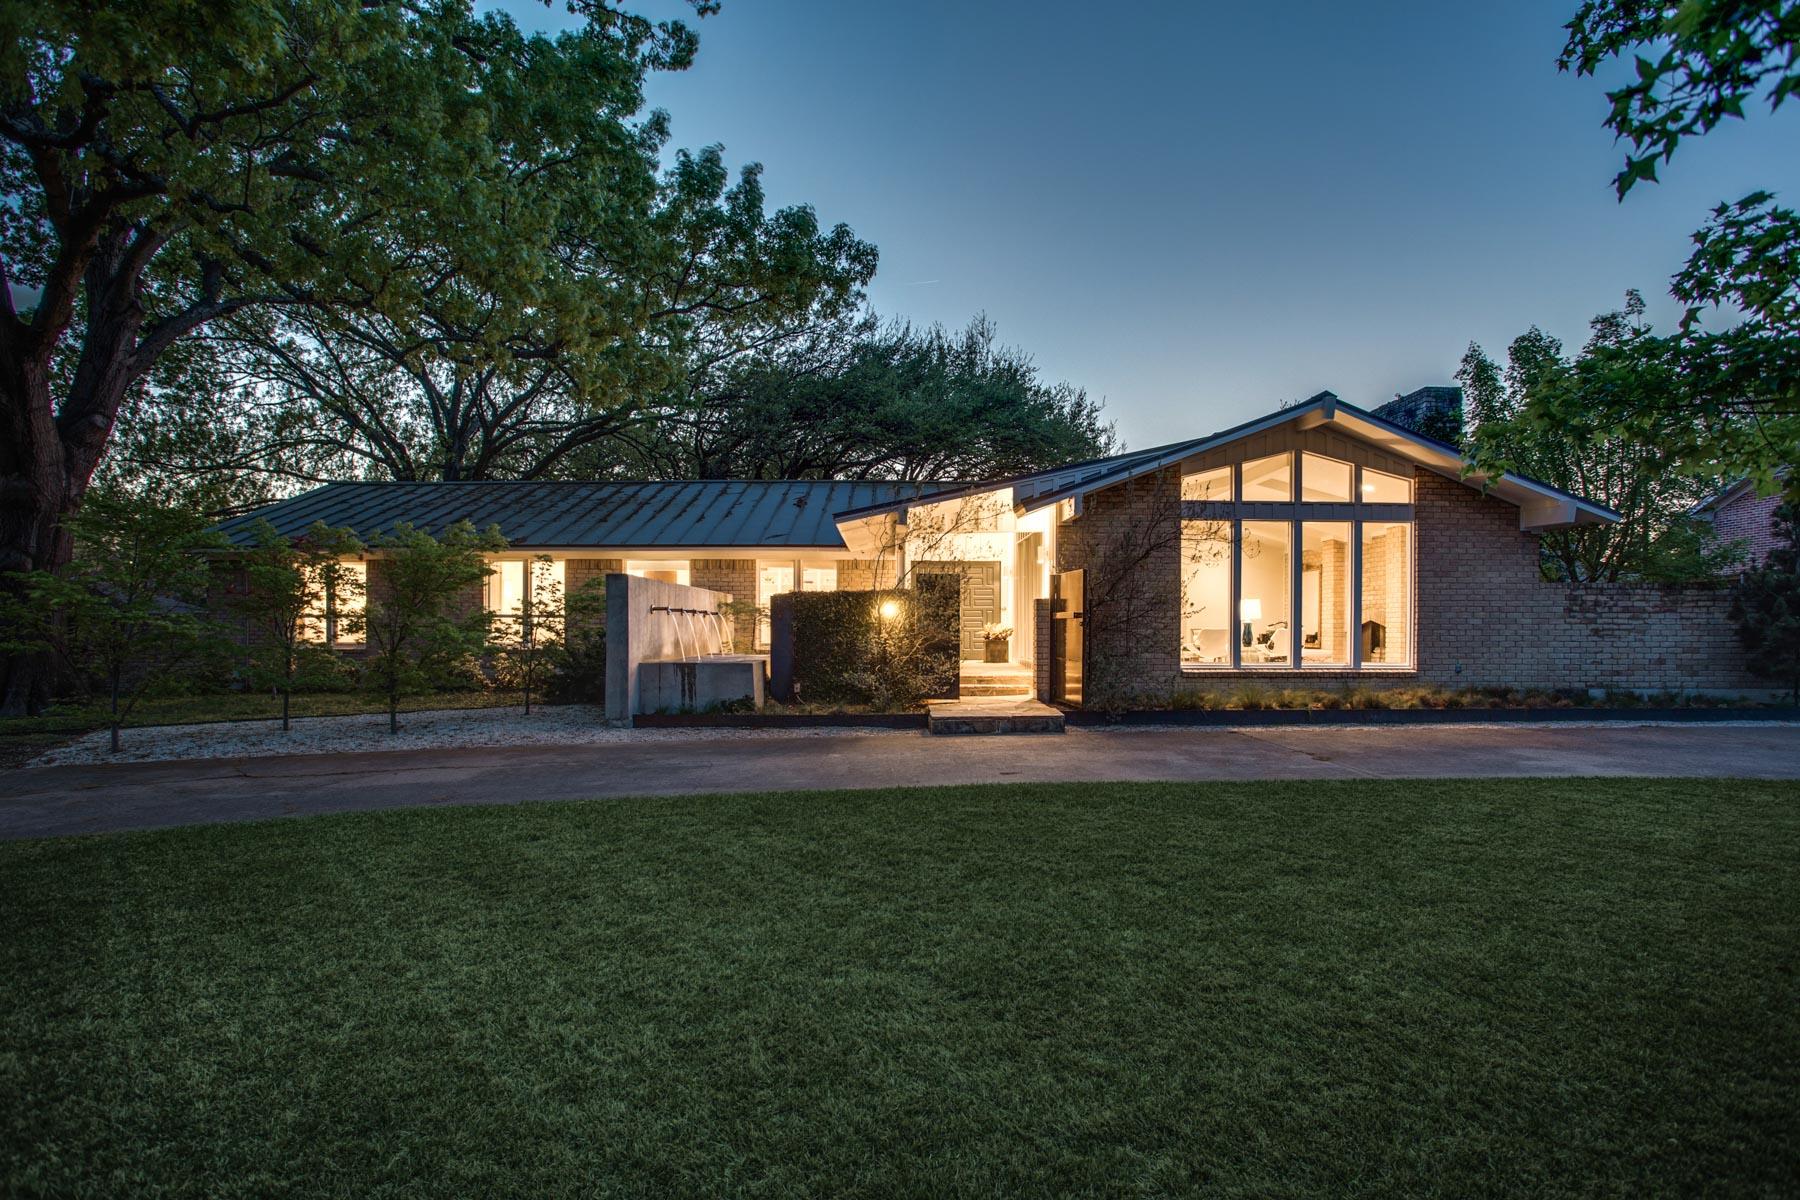 단독 가정 주택 용 매매 에 Greenway Parks Traditional on .652 Acre Treed Lot 5322 Wateka Drive, Dallas, 텍사스, 75209 미국